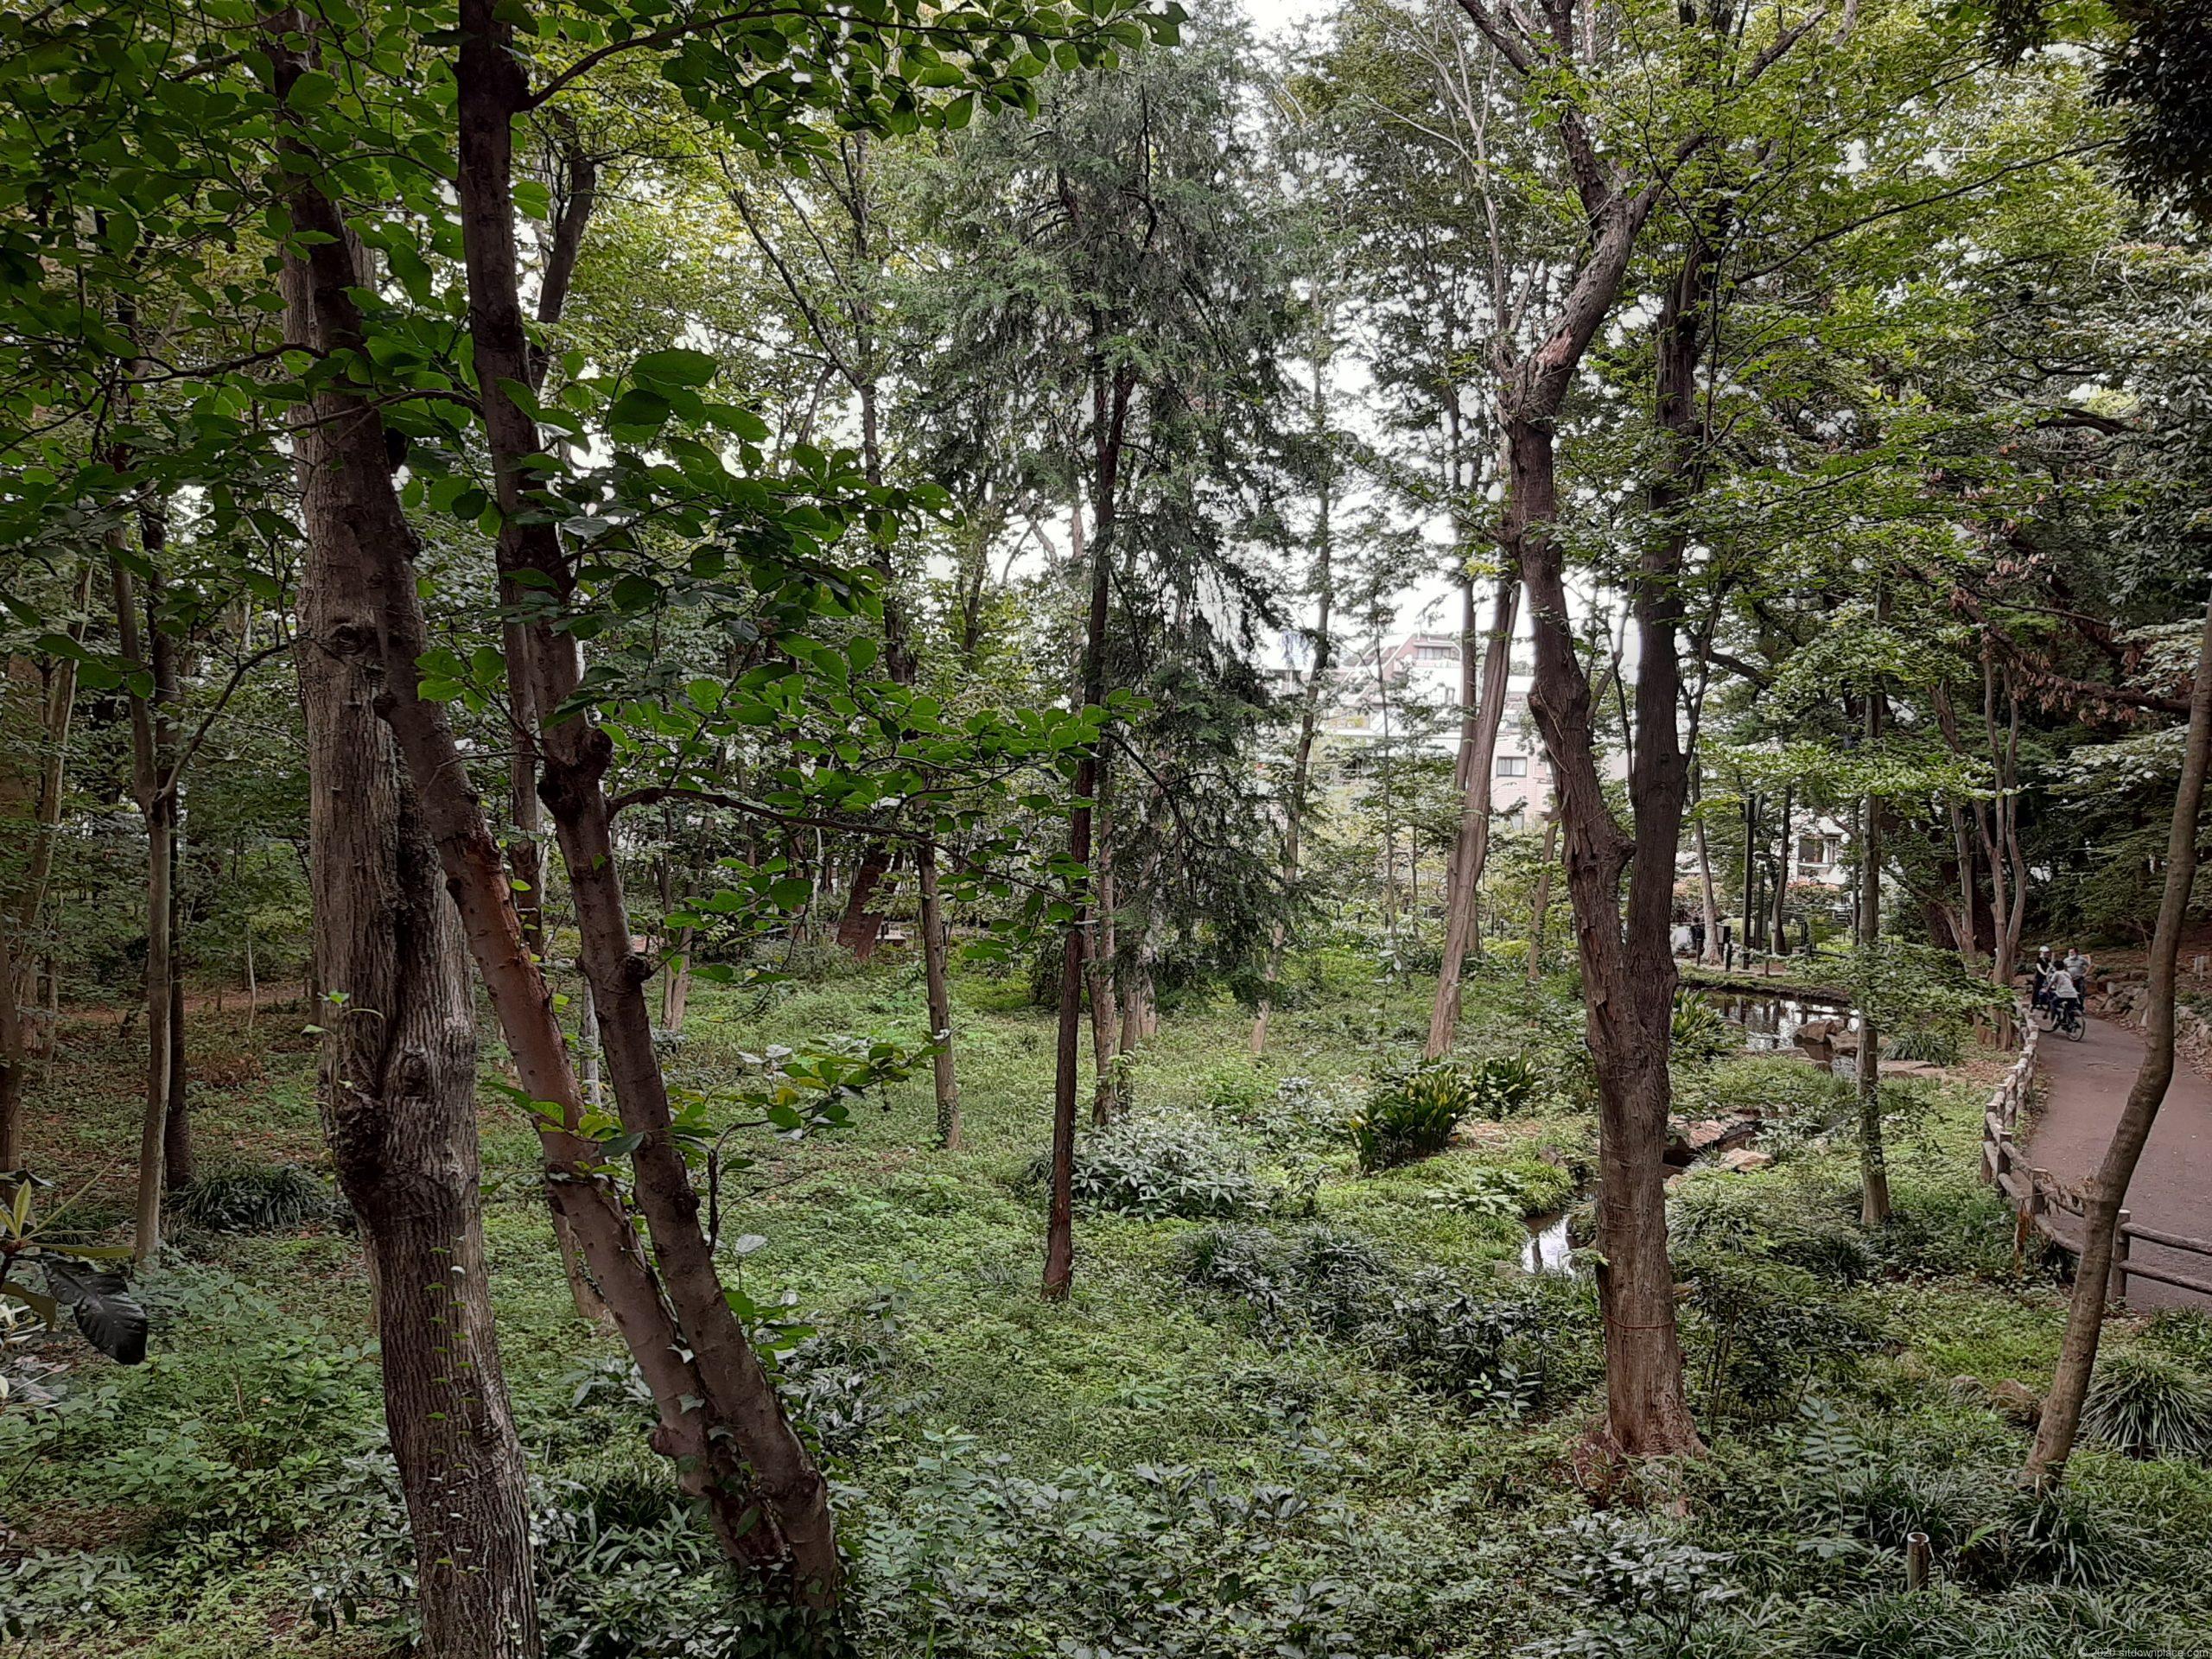 林試の森公園の緑豊かな園内